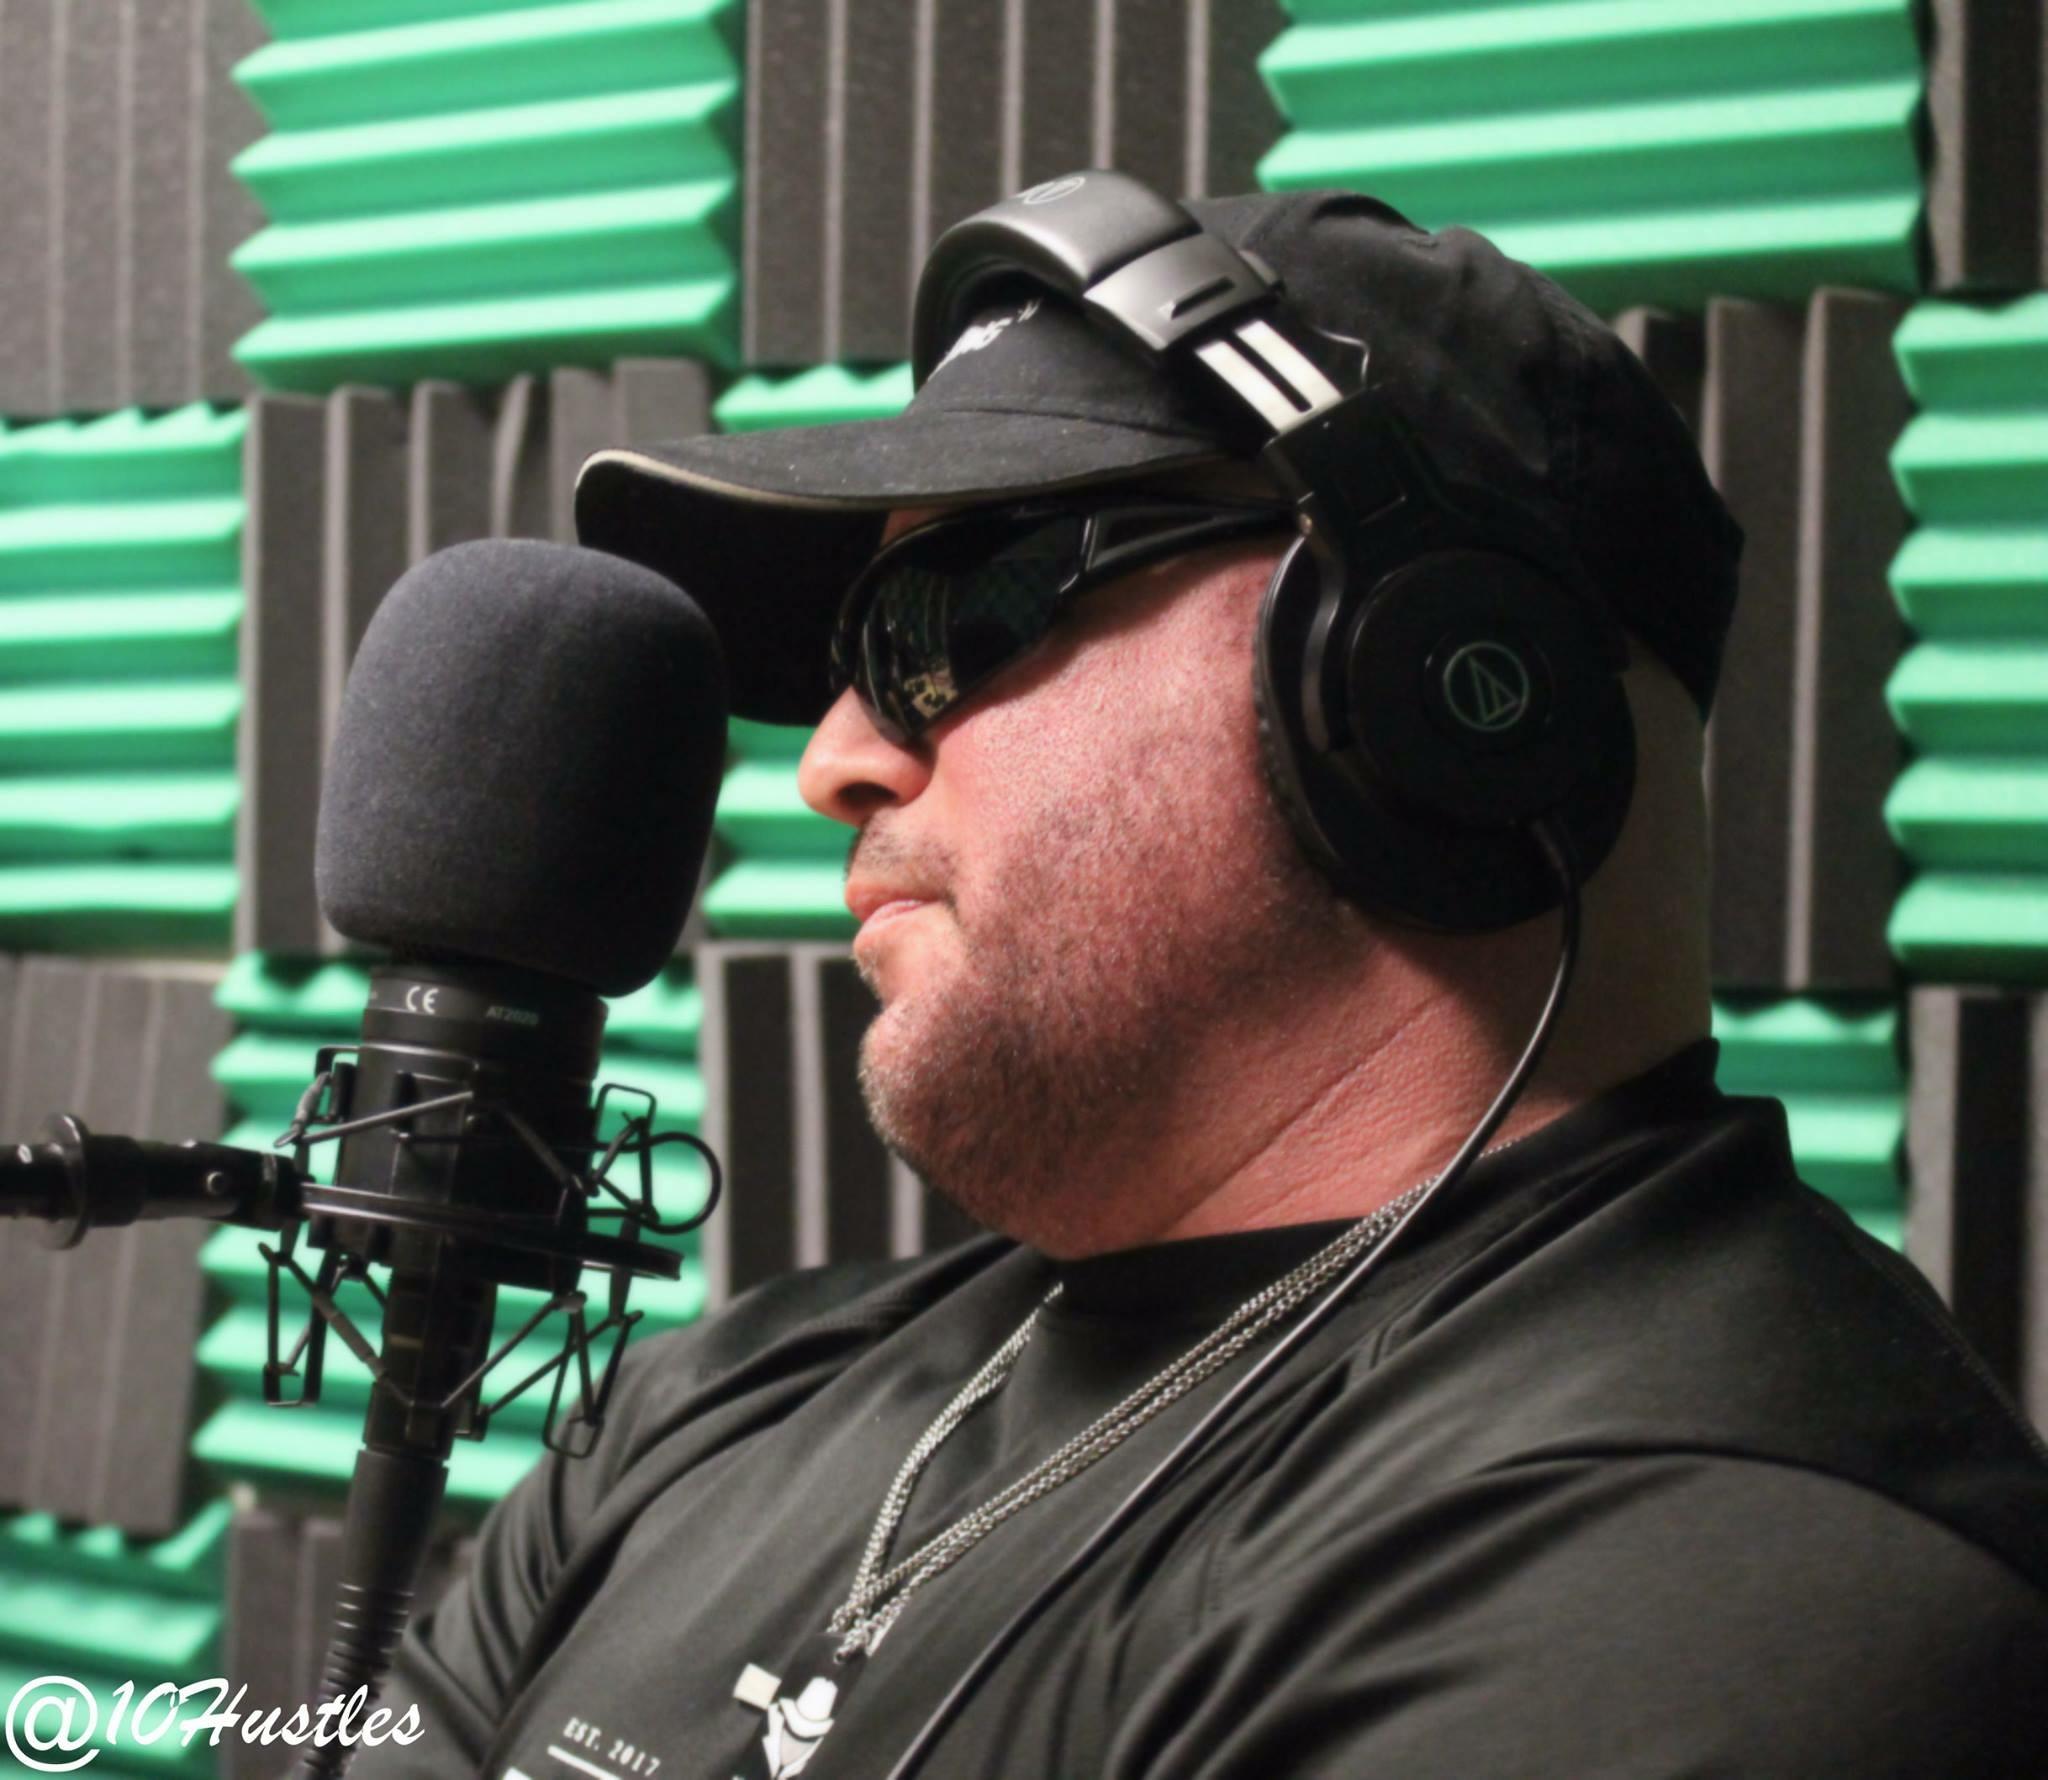 Gunner on a radio interview